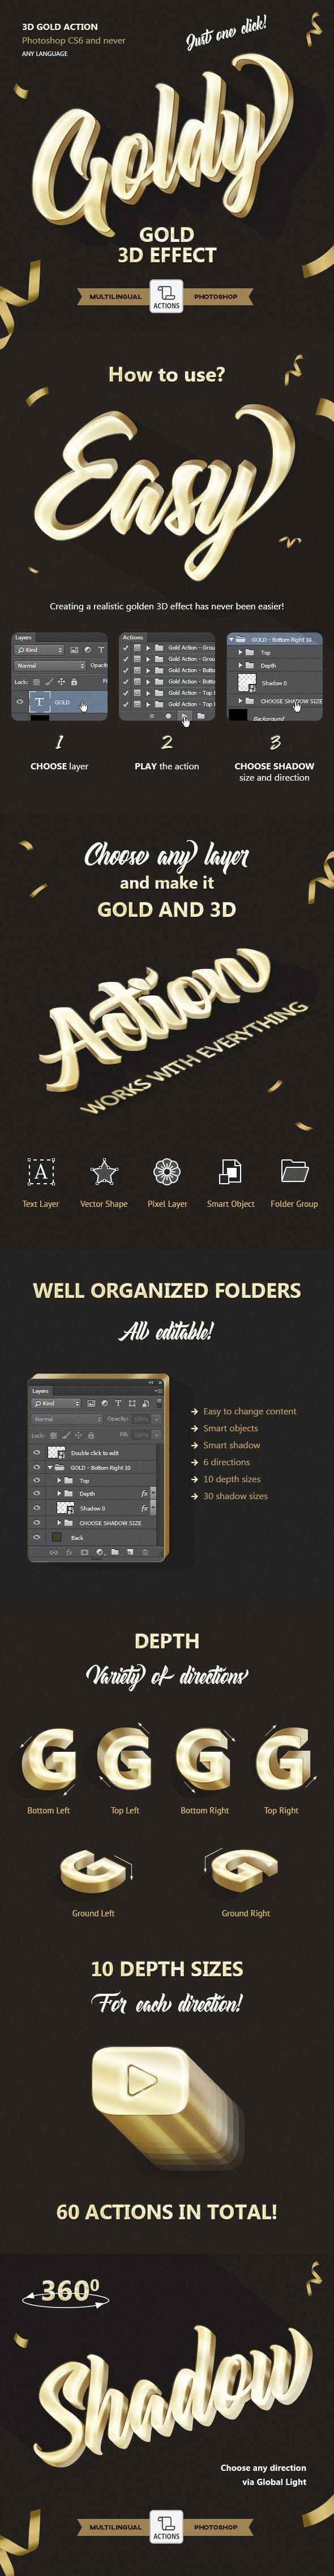 Скачать [Graphicriver] Gold 3D - Photoshop Action (2019), Отзывы Складчик » Архив Складчин